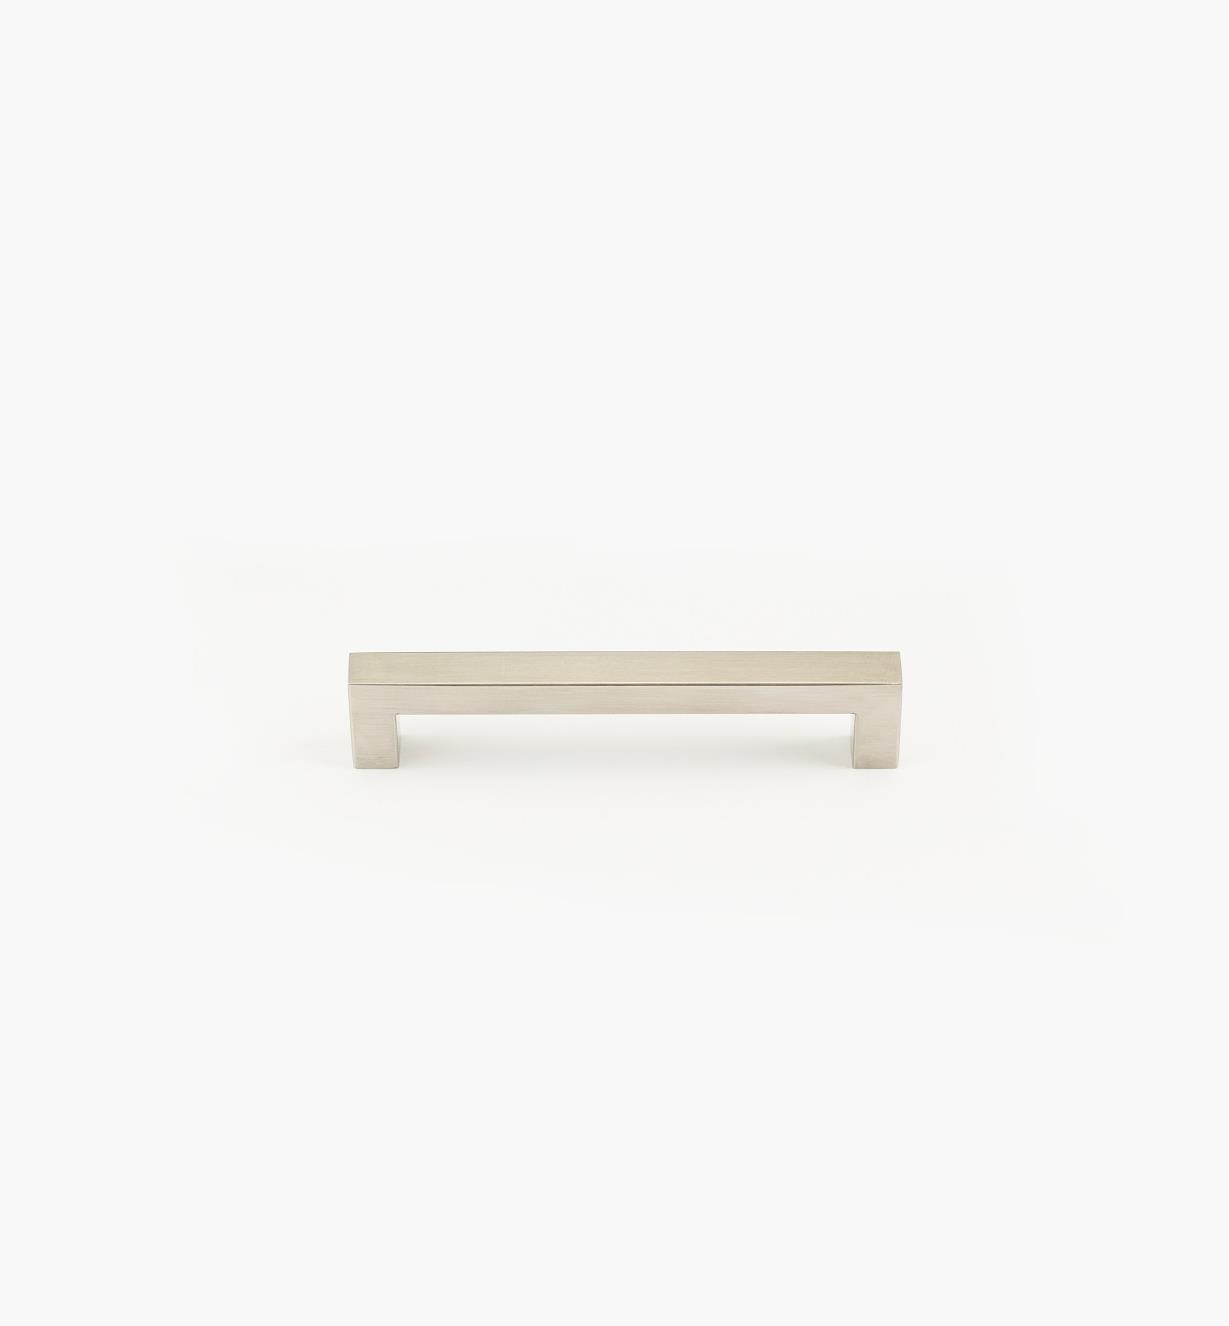 01W8013 - Poignée-tube carrée en acier inoxydable, 160mm